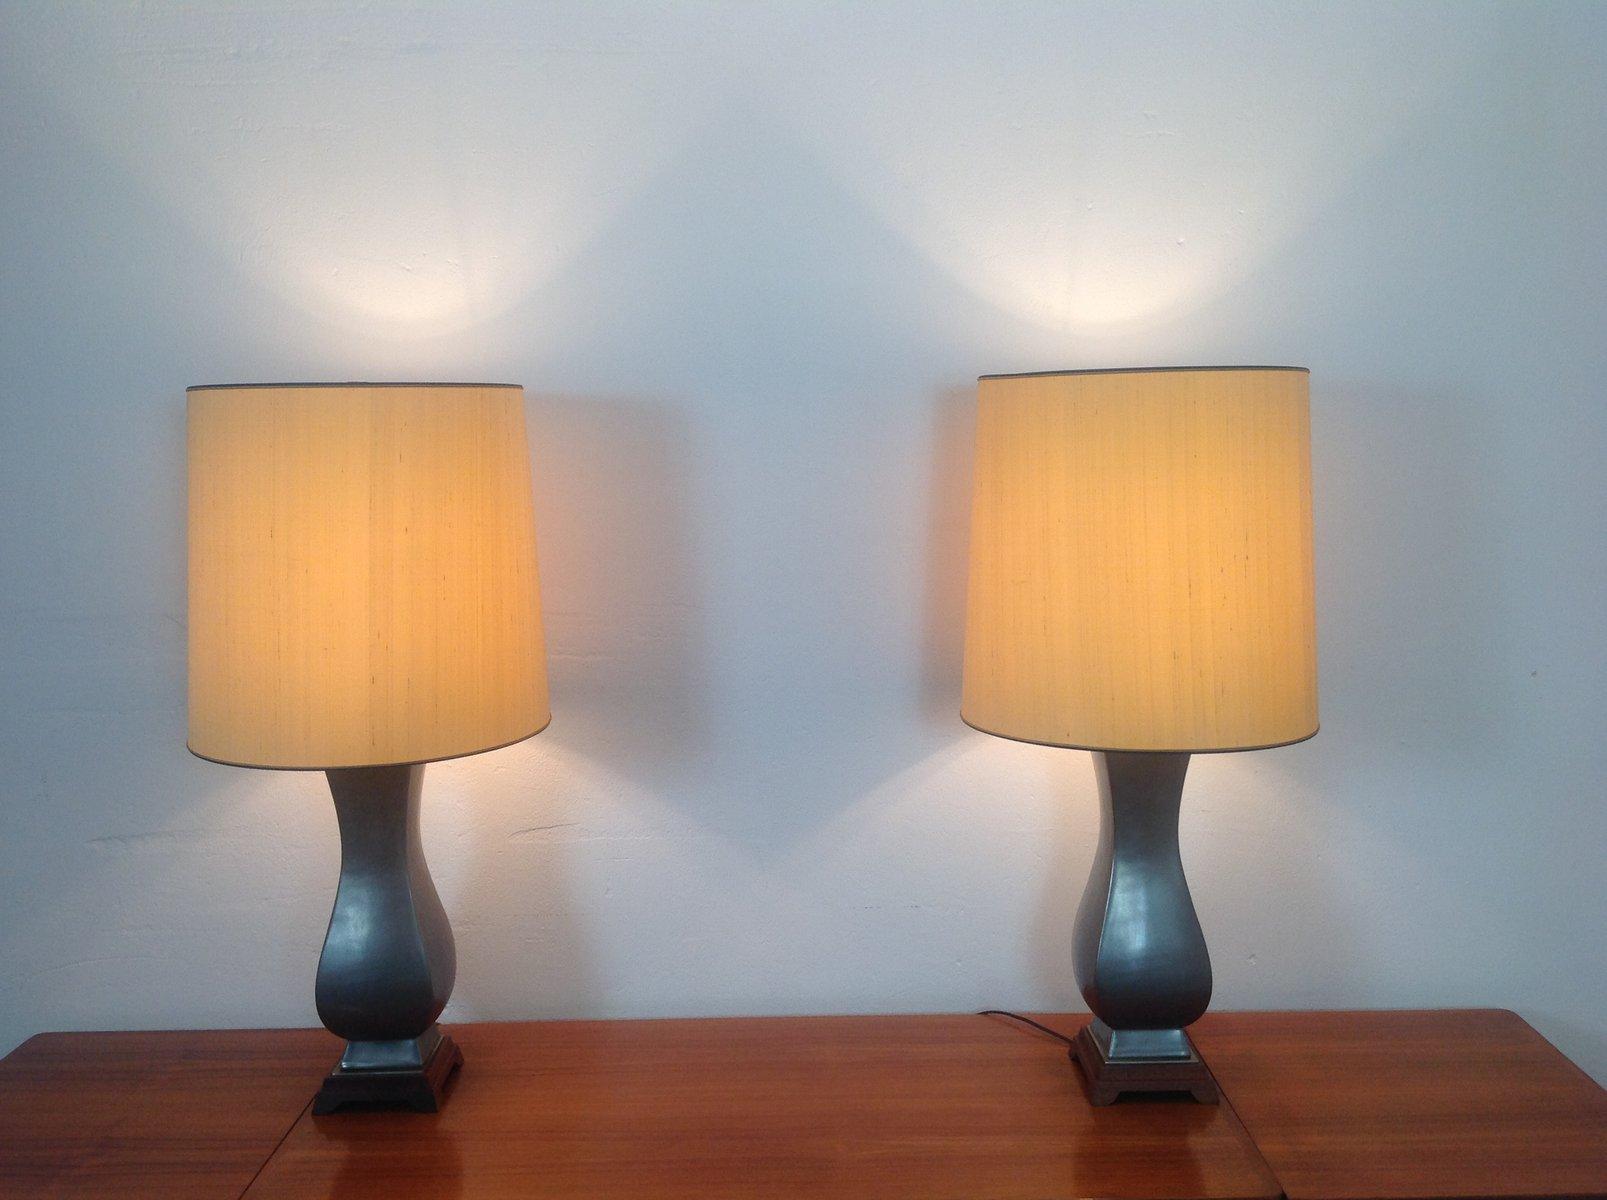 Vintage tischlampen von gerald thorsten f r lightolier for Tischlampen vintage